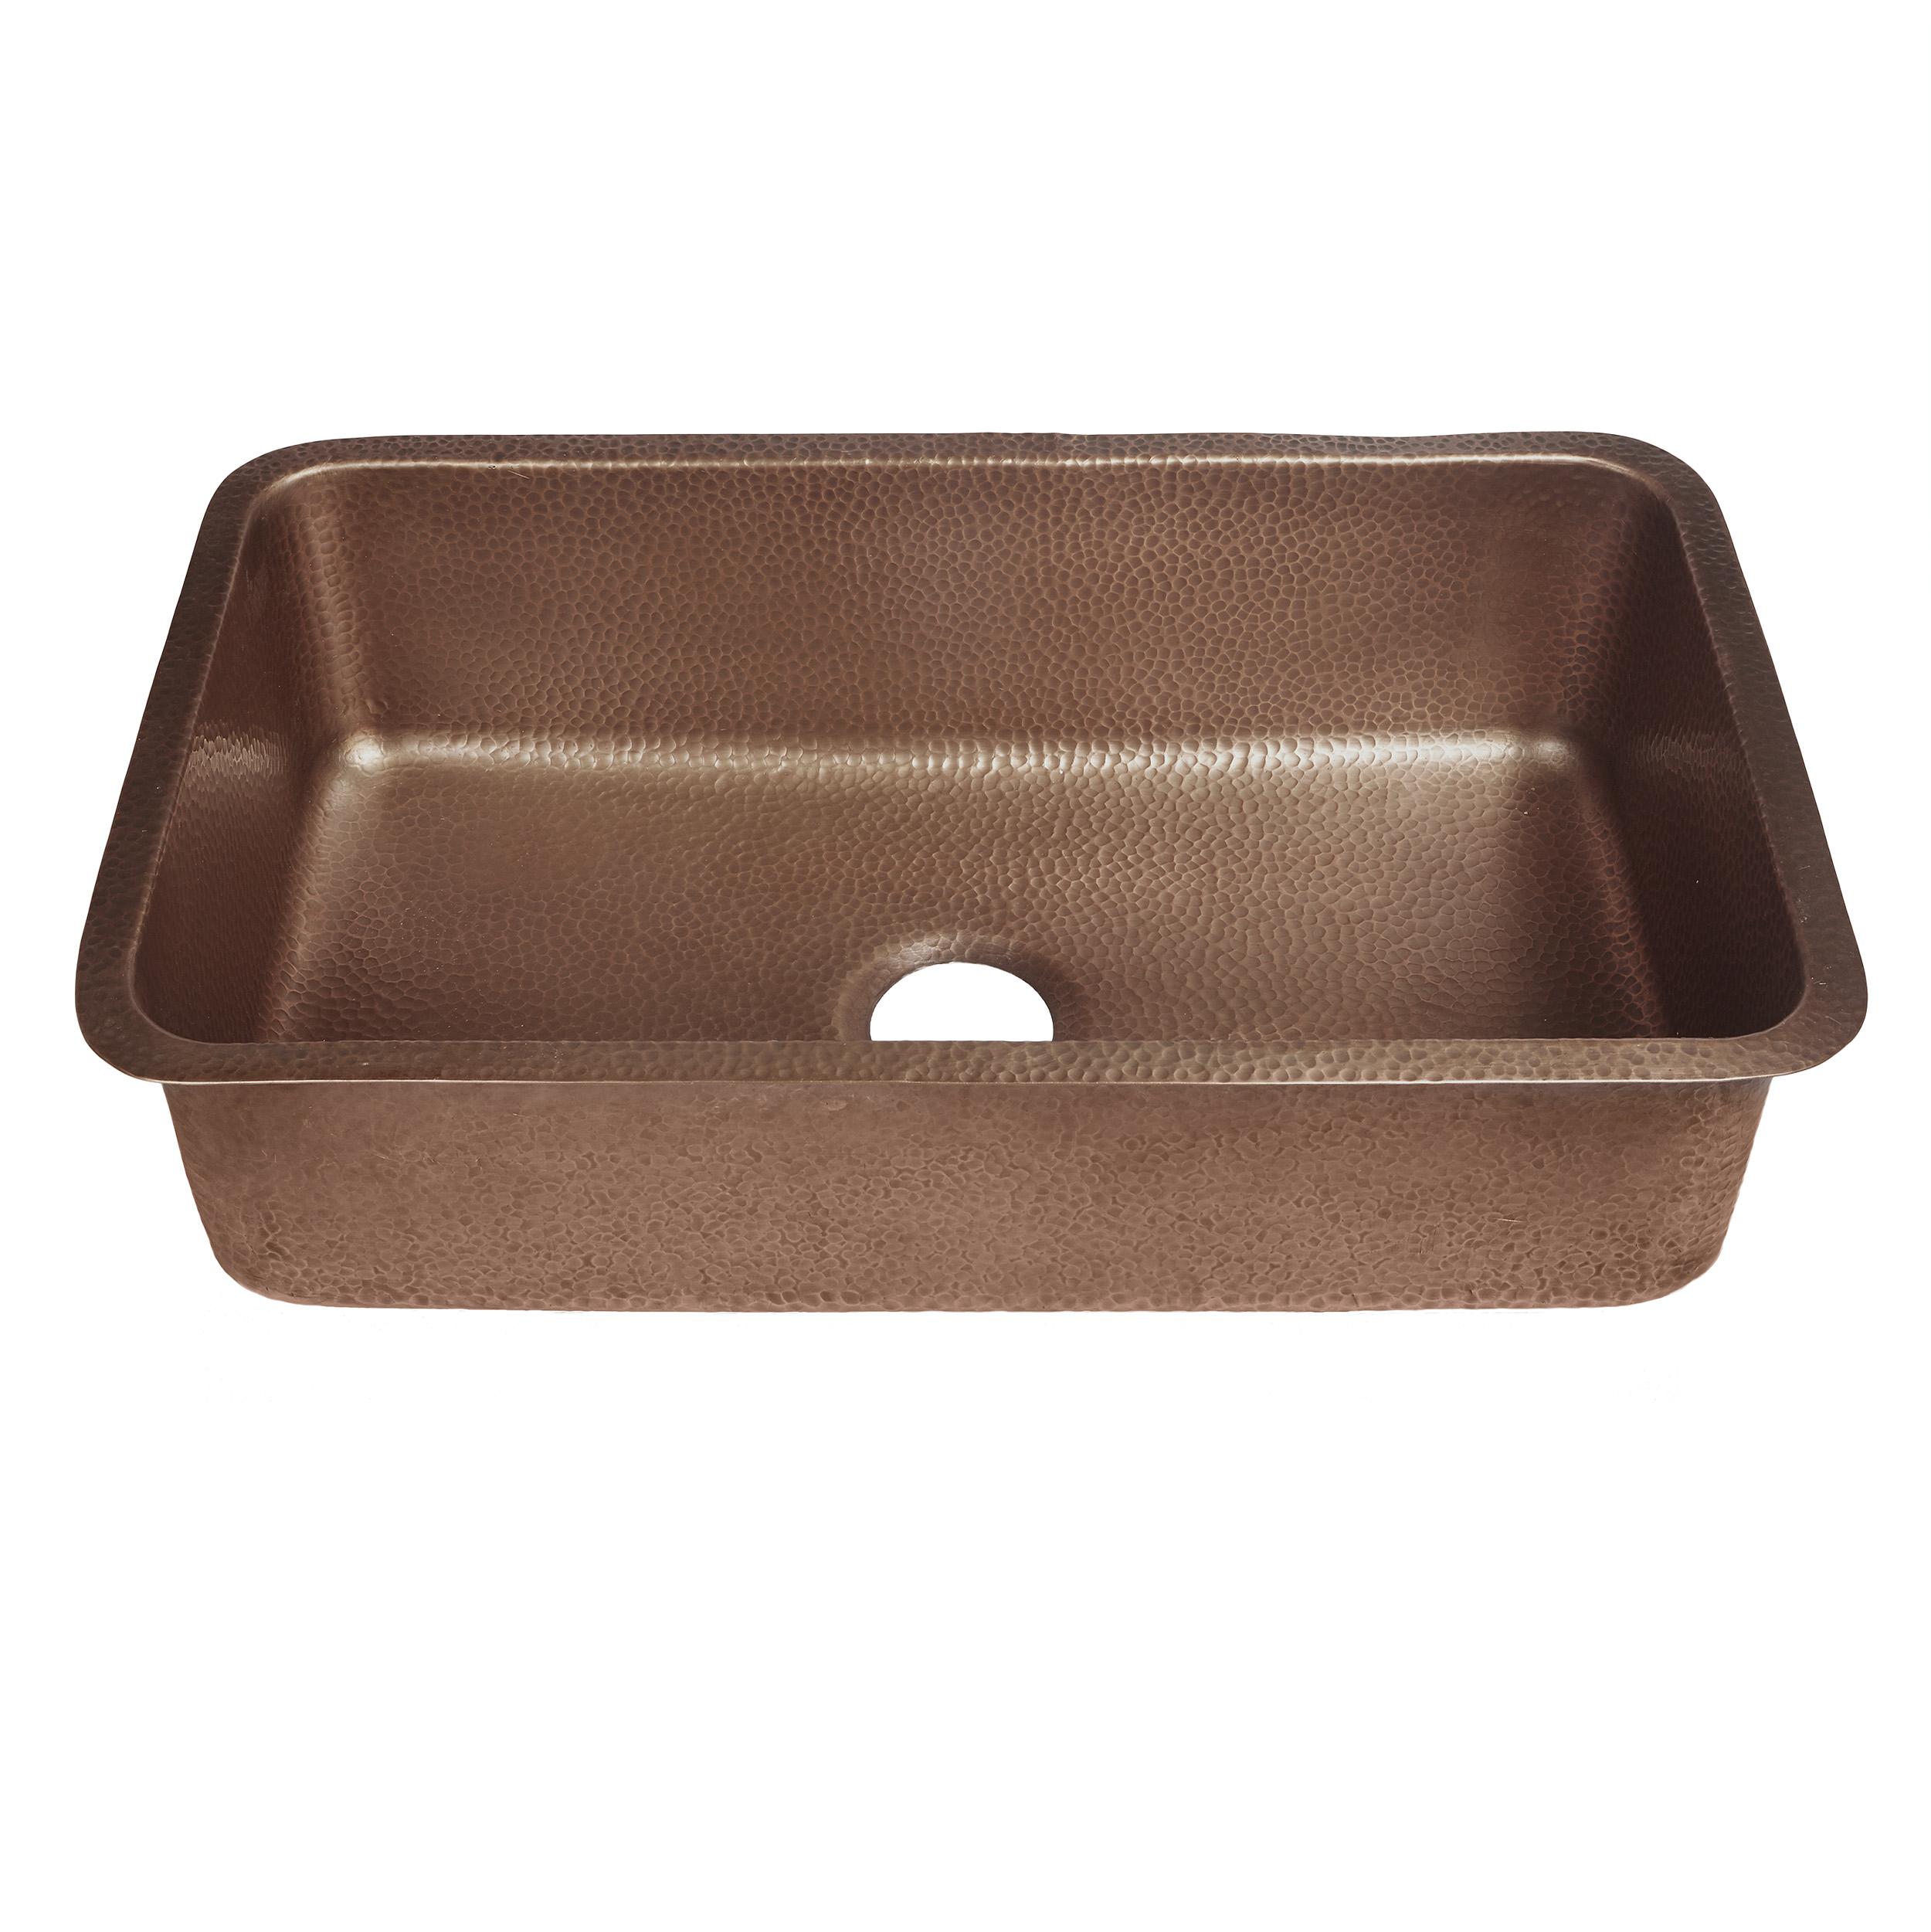 Orwell Undermount Copper Kitchen Sink by Sinkology